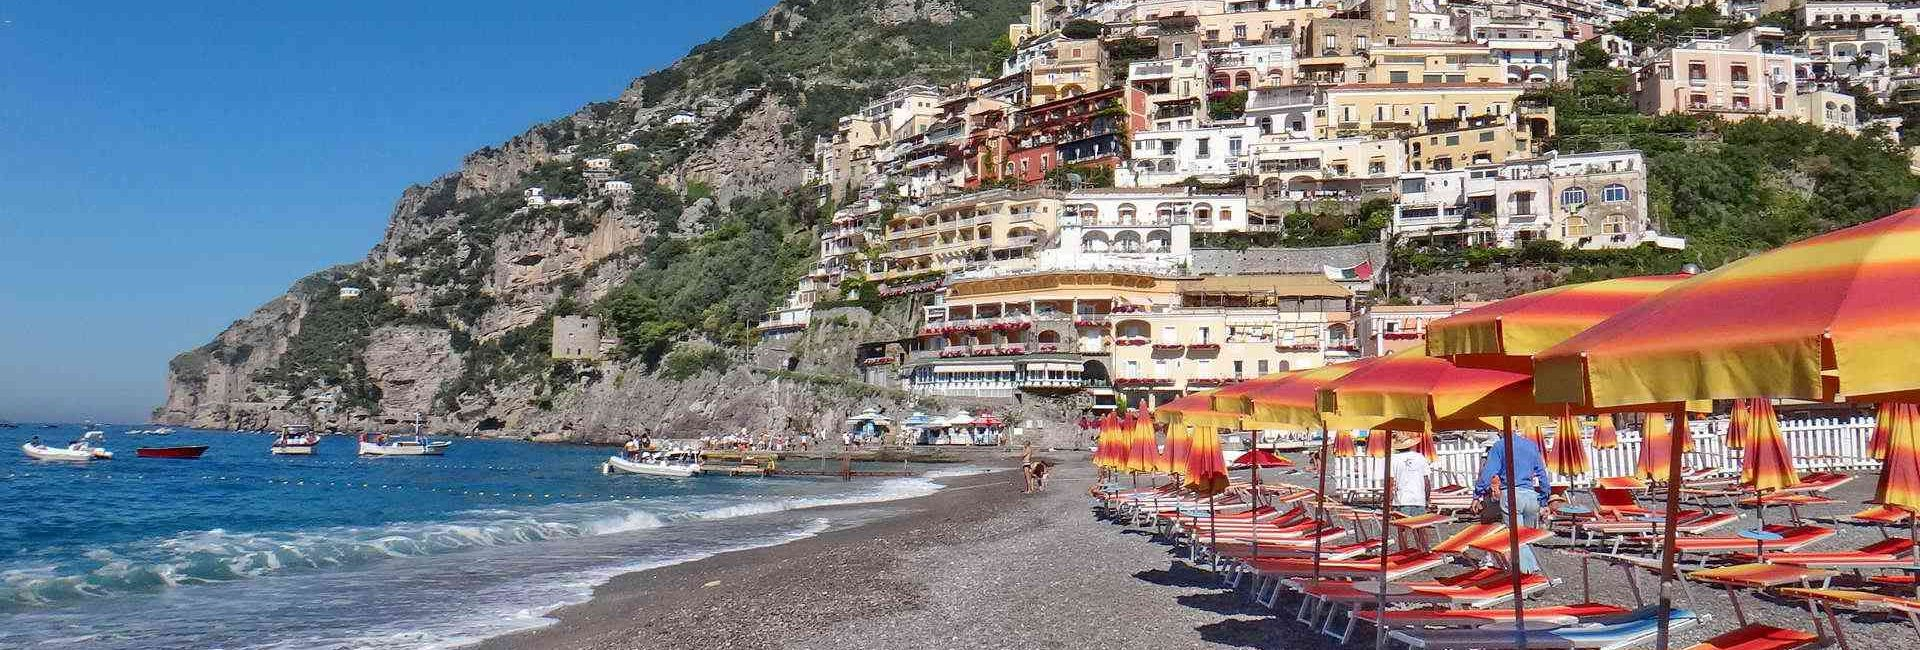 Hotel Buca di Bacco Positano (2)